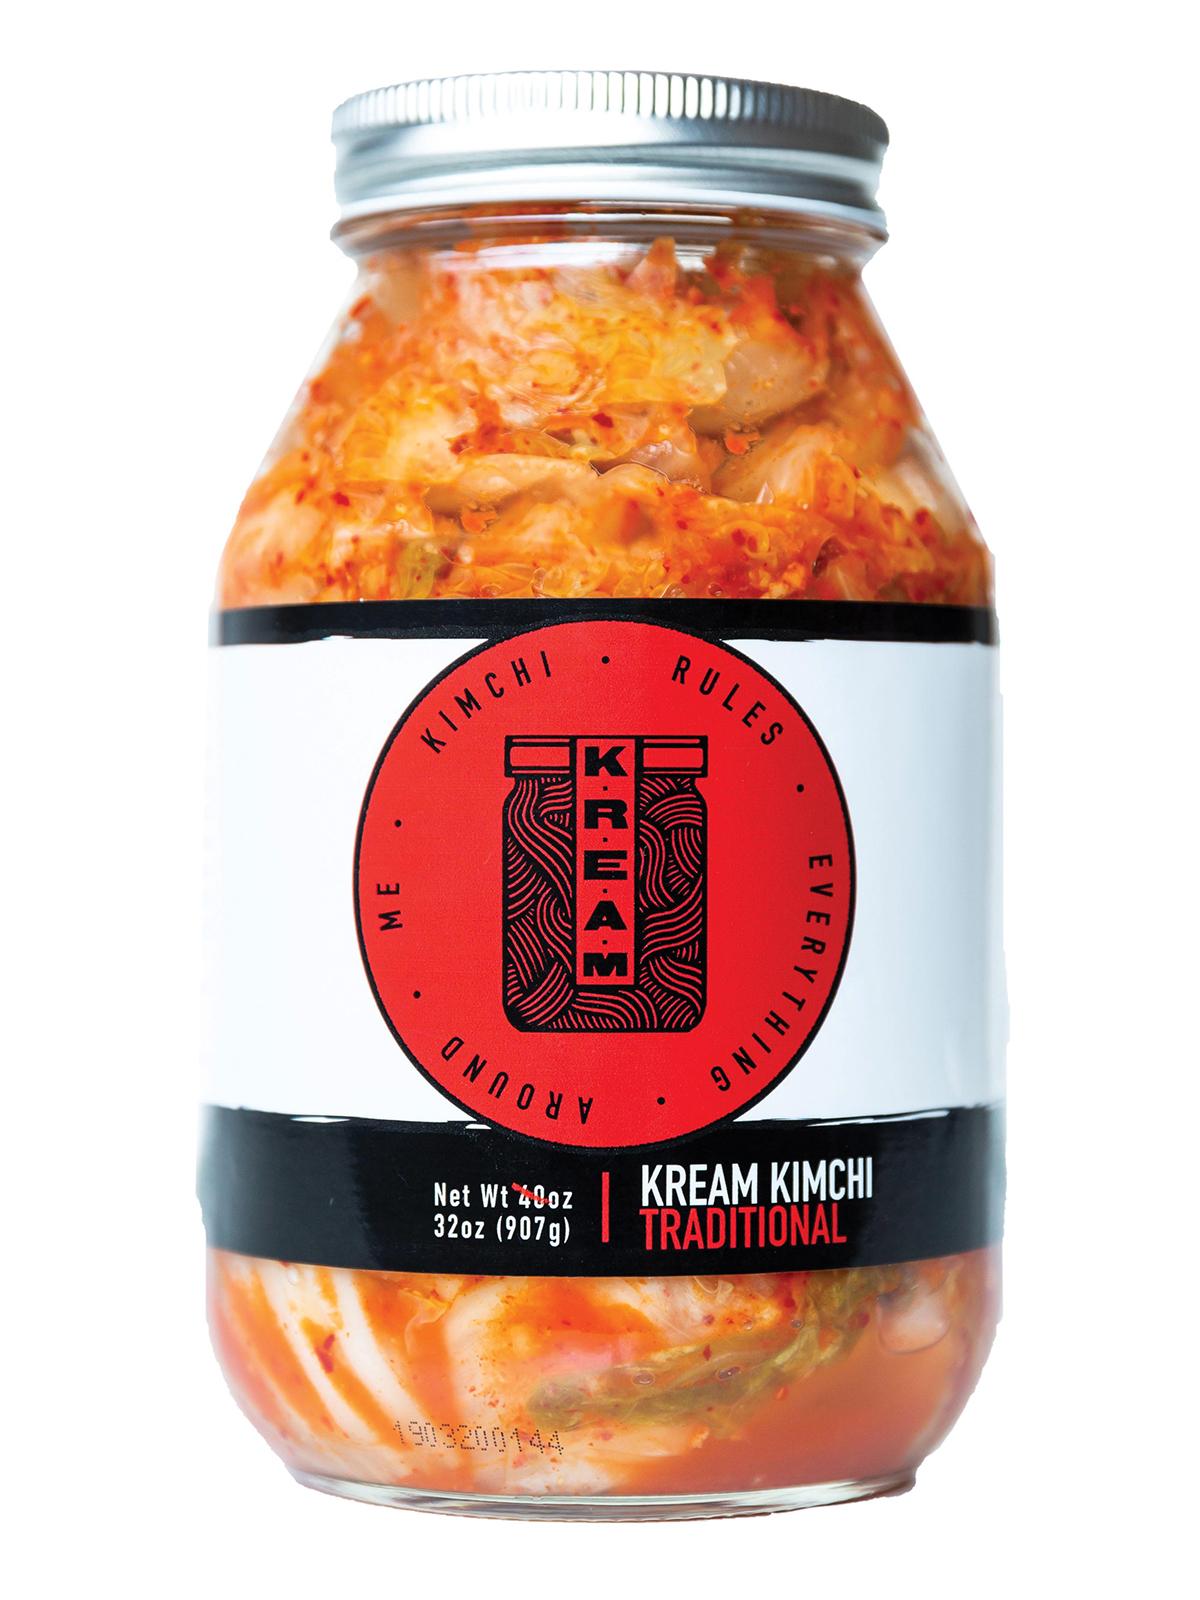 Kream Kimchi